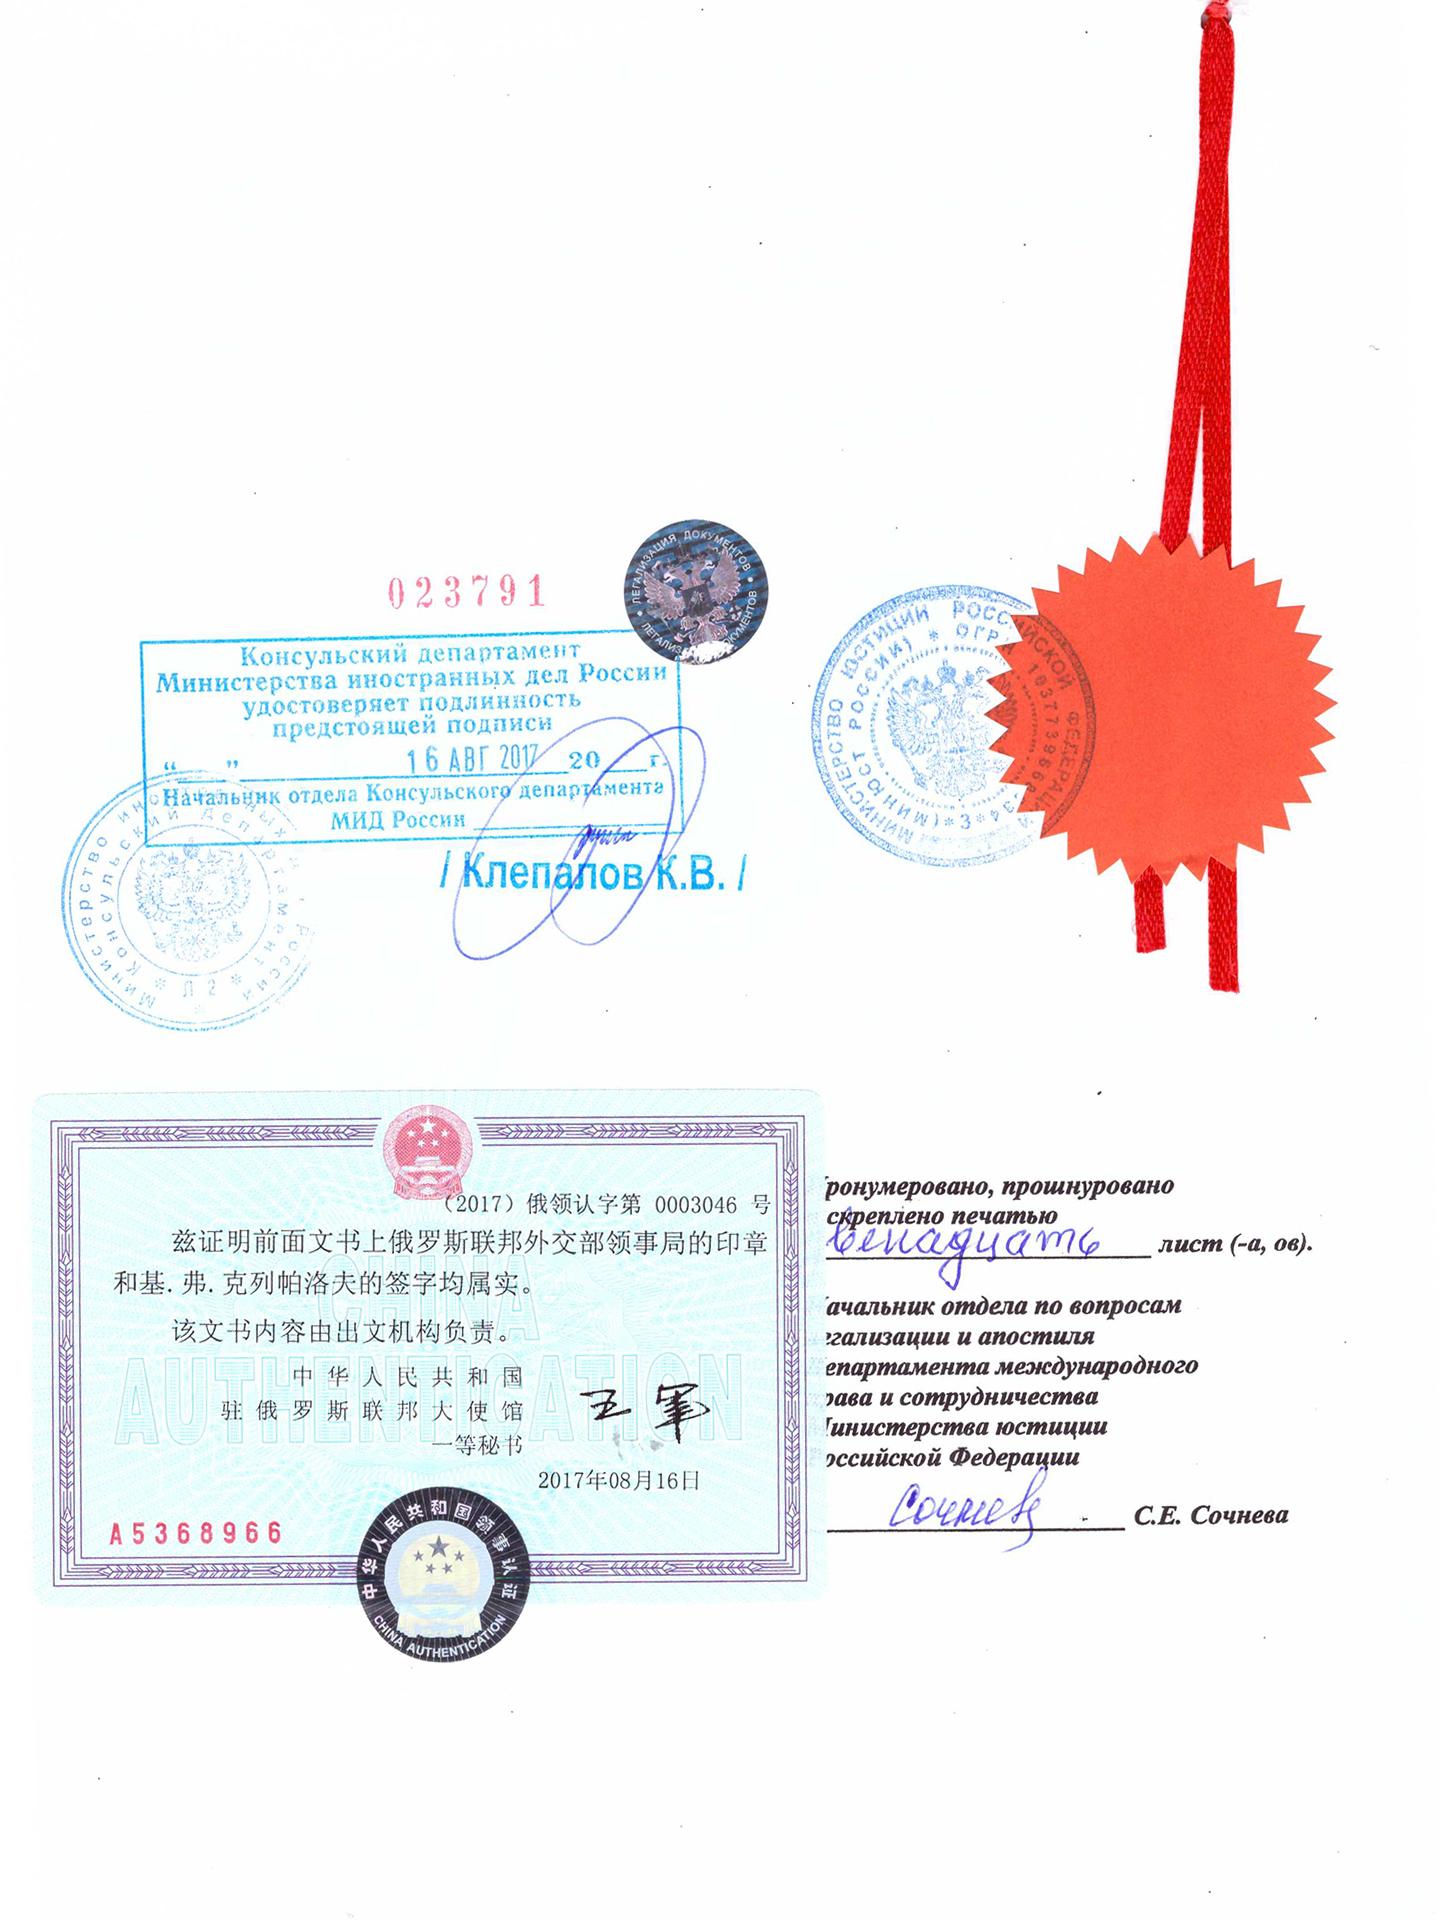 Купить диплом реестром москве  С дипломом специалиста можно пойти в аспирантуру работодатель еще не привык к перем в системе купить диплом реестром